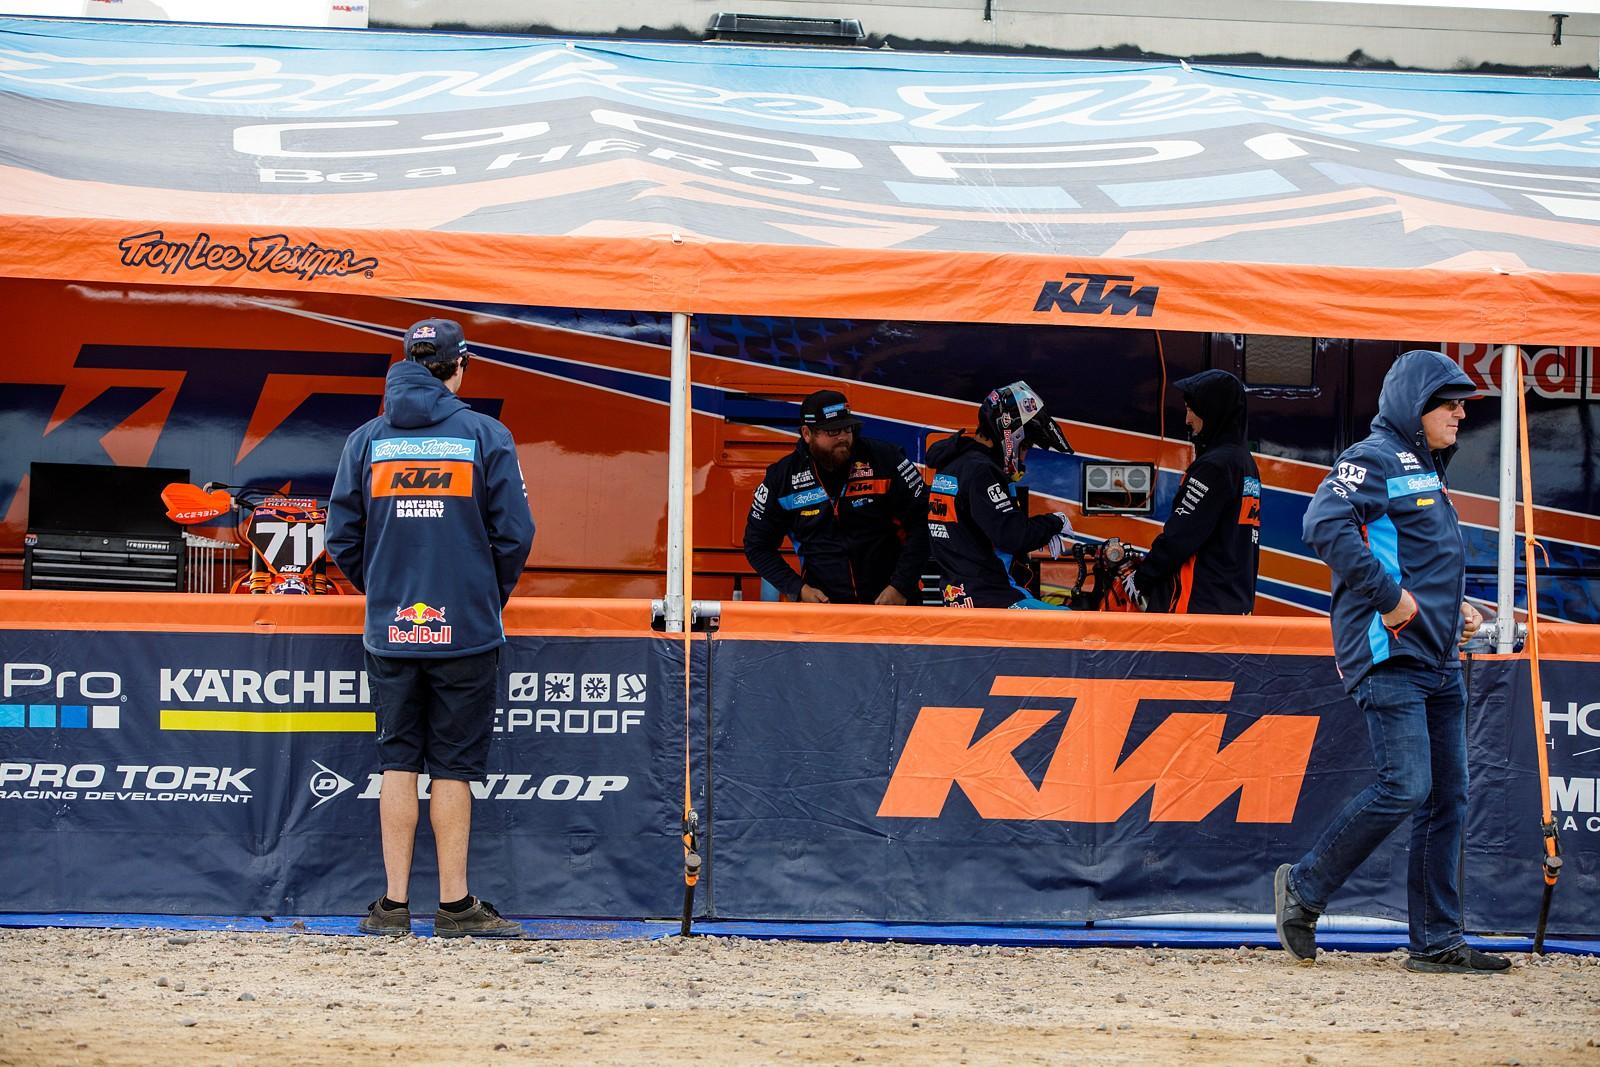 TLD KTM - AZ Open of Motocross, Part 2 - Motocross Pictures - Vital MX